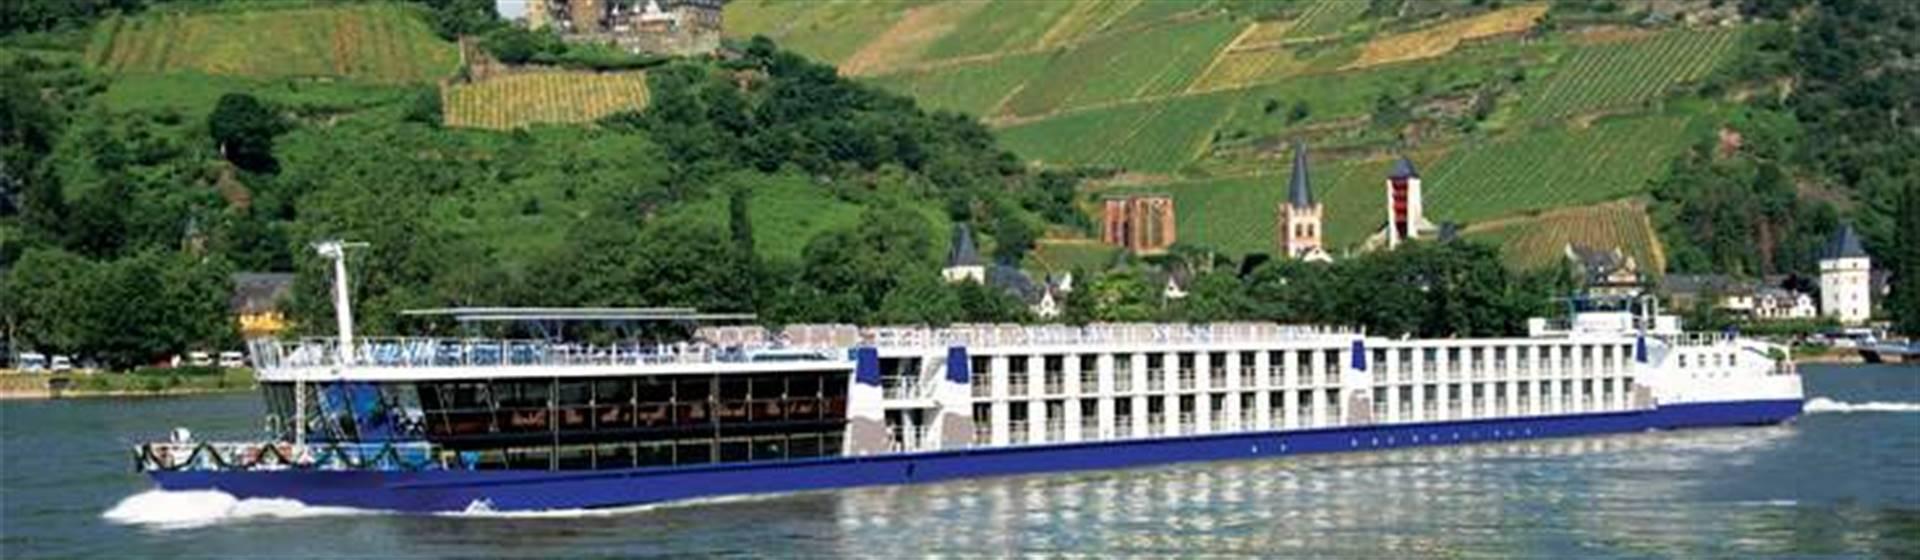 Danube River Cruise & Prague with Joan & David